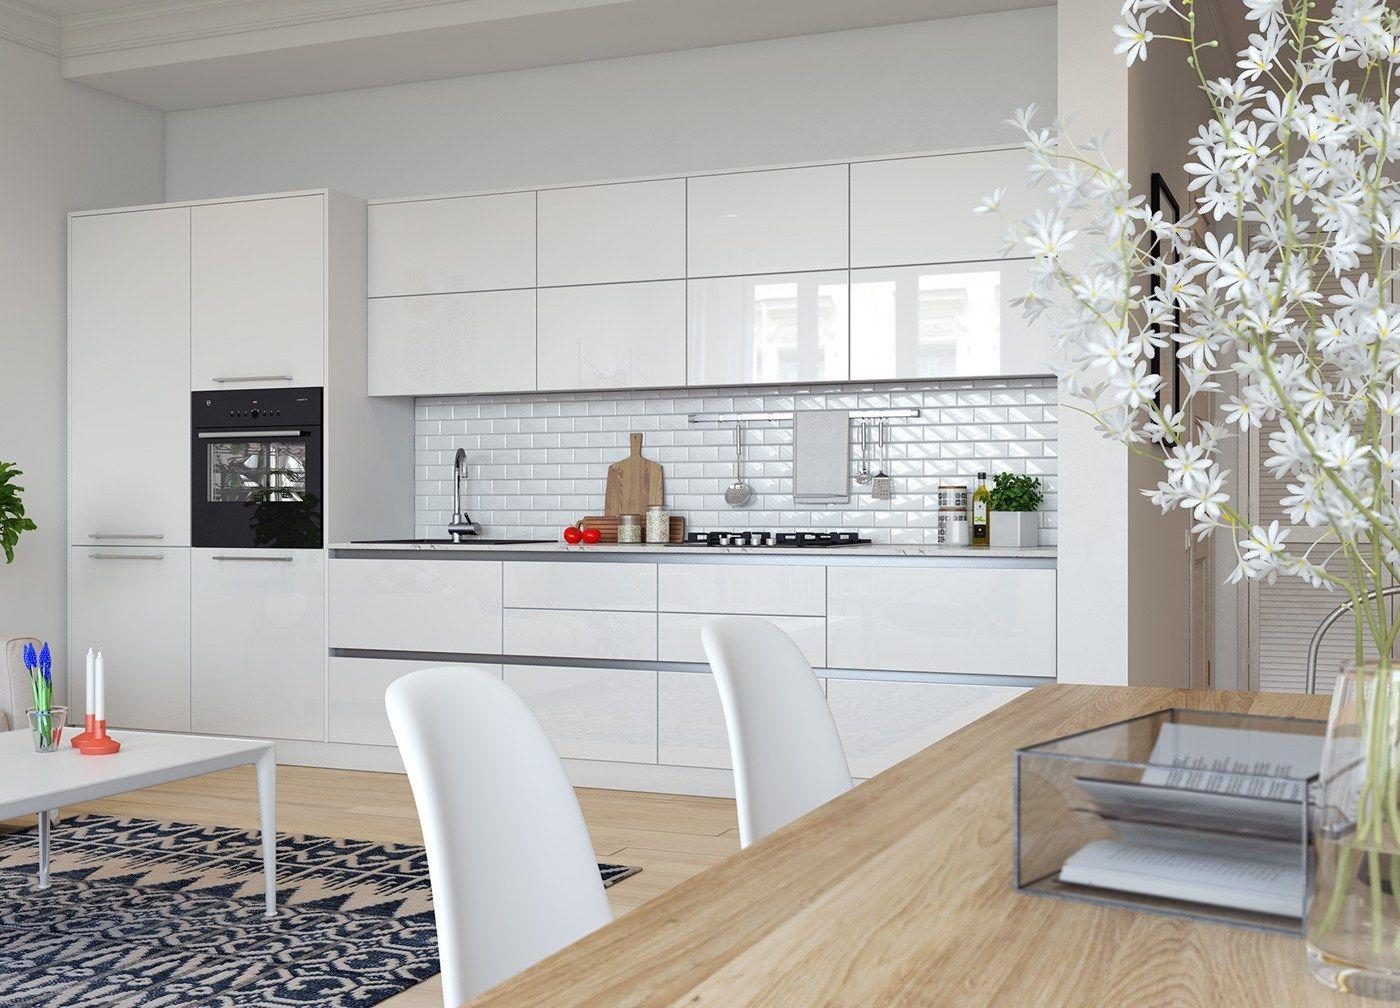 Decoración abierta | Decoracion pisos pequeños, Cocinas abiertas y ...